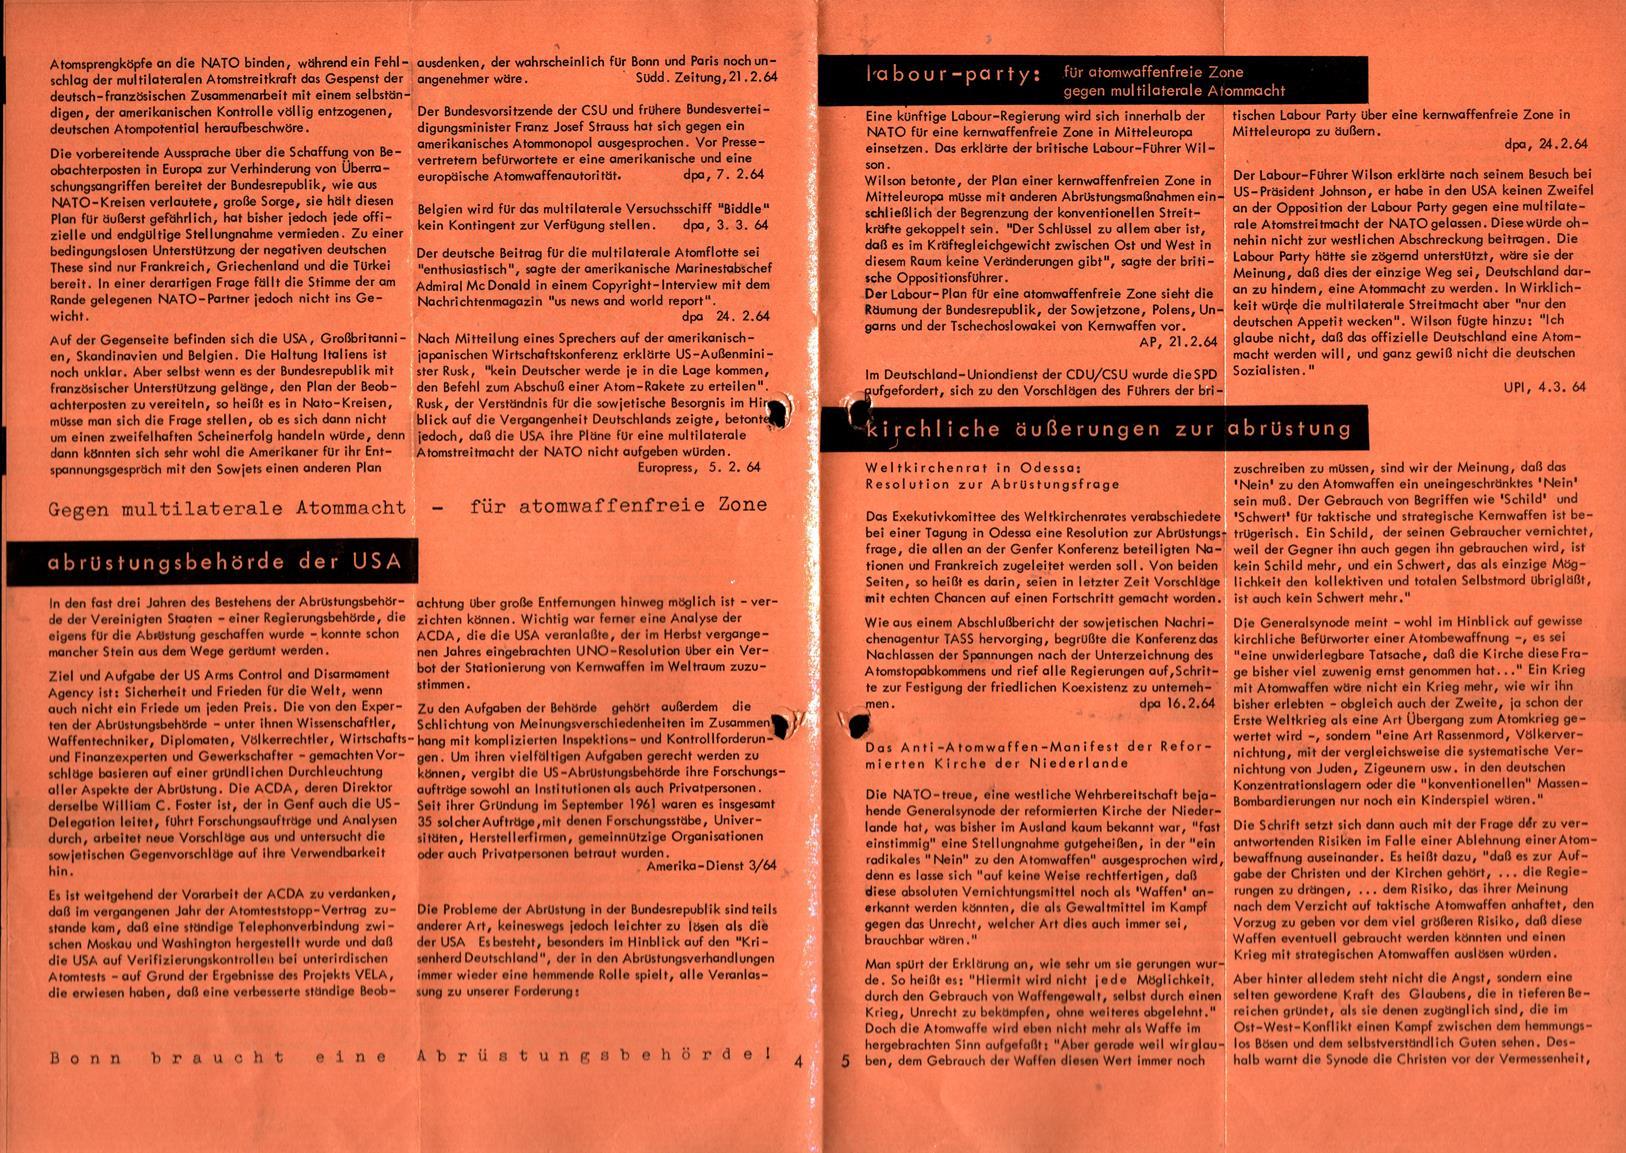 Infos_zur_Abruestung_1964_009_003